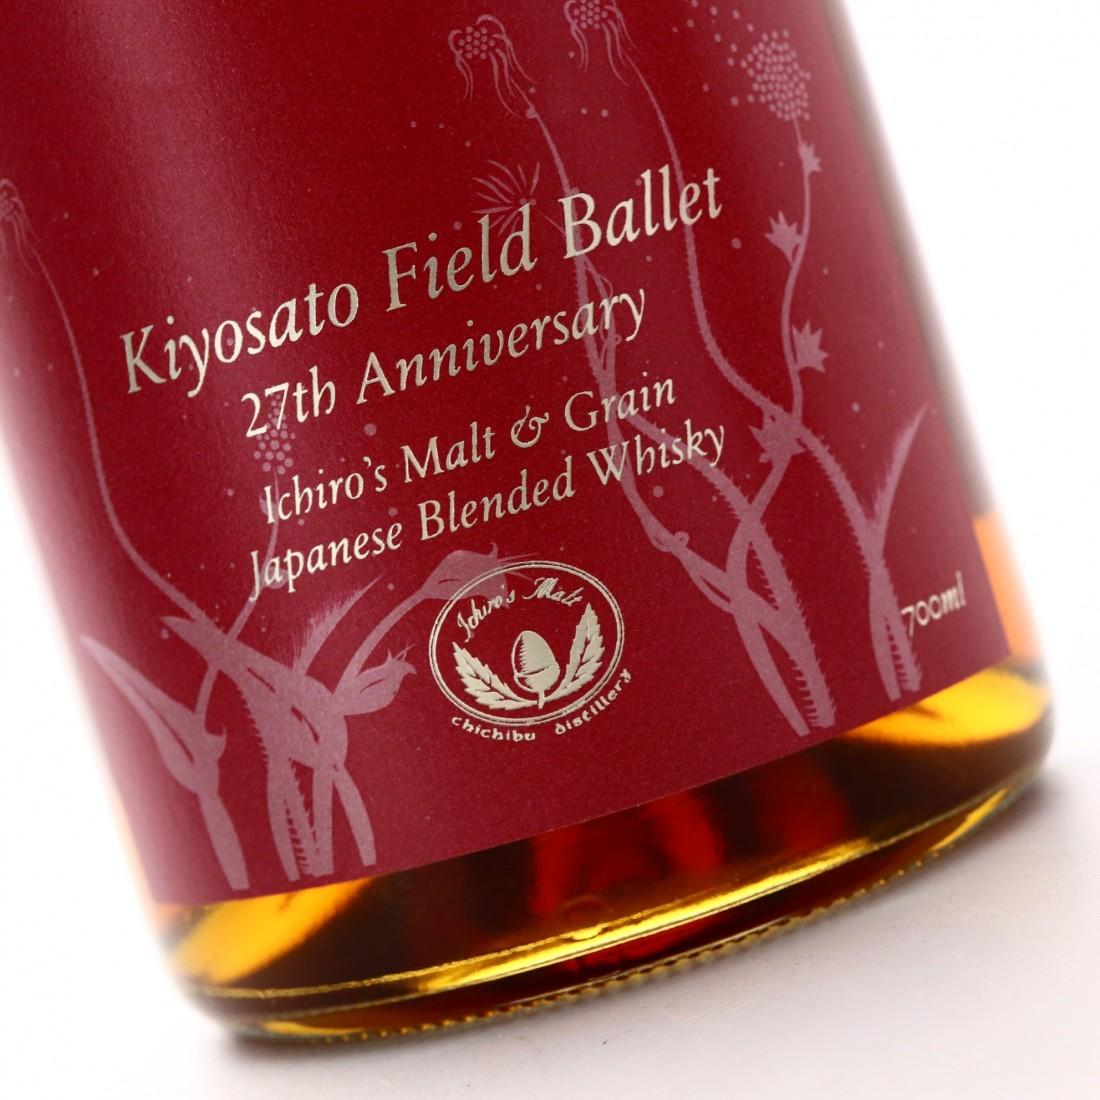 Ichiro's Malt & Grain Kiyosato Field Ballet 27th Anniversary / Hanyu & Kawasaki